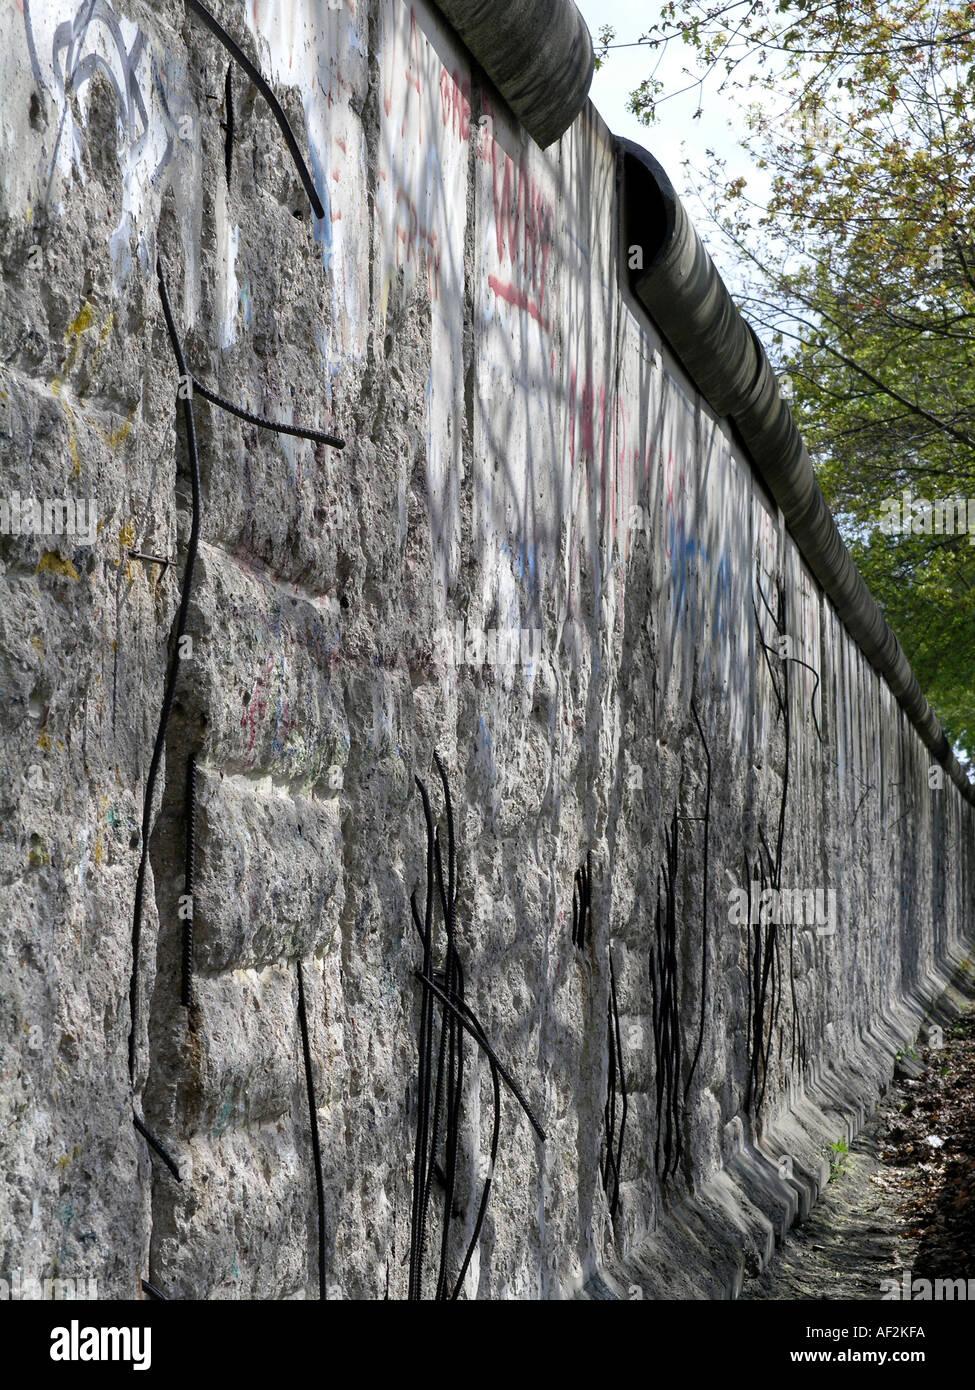 Pice restante del muro de Berlín que dividió Berlín oriental y occidental durante la guerra fría Imagen De Stock